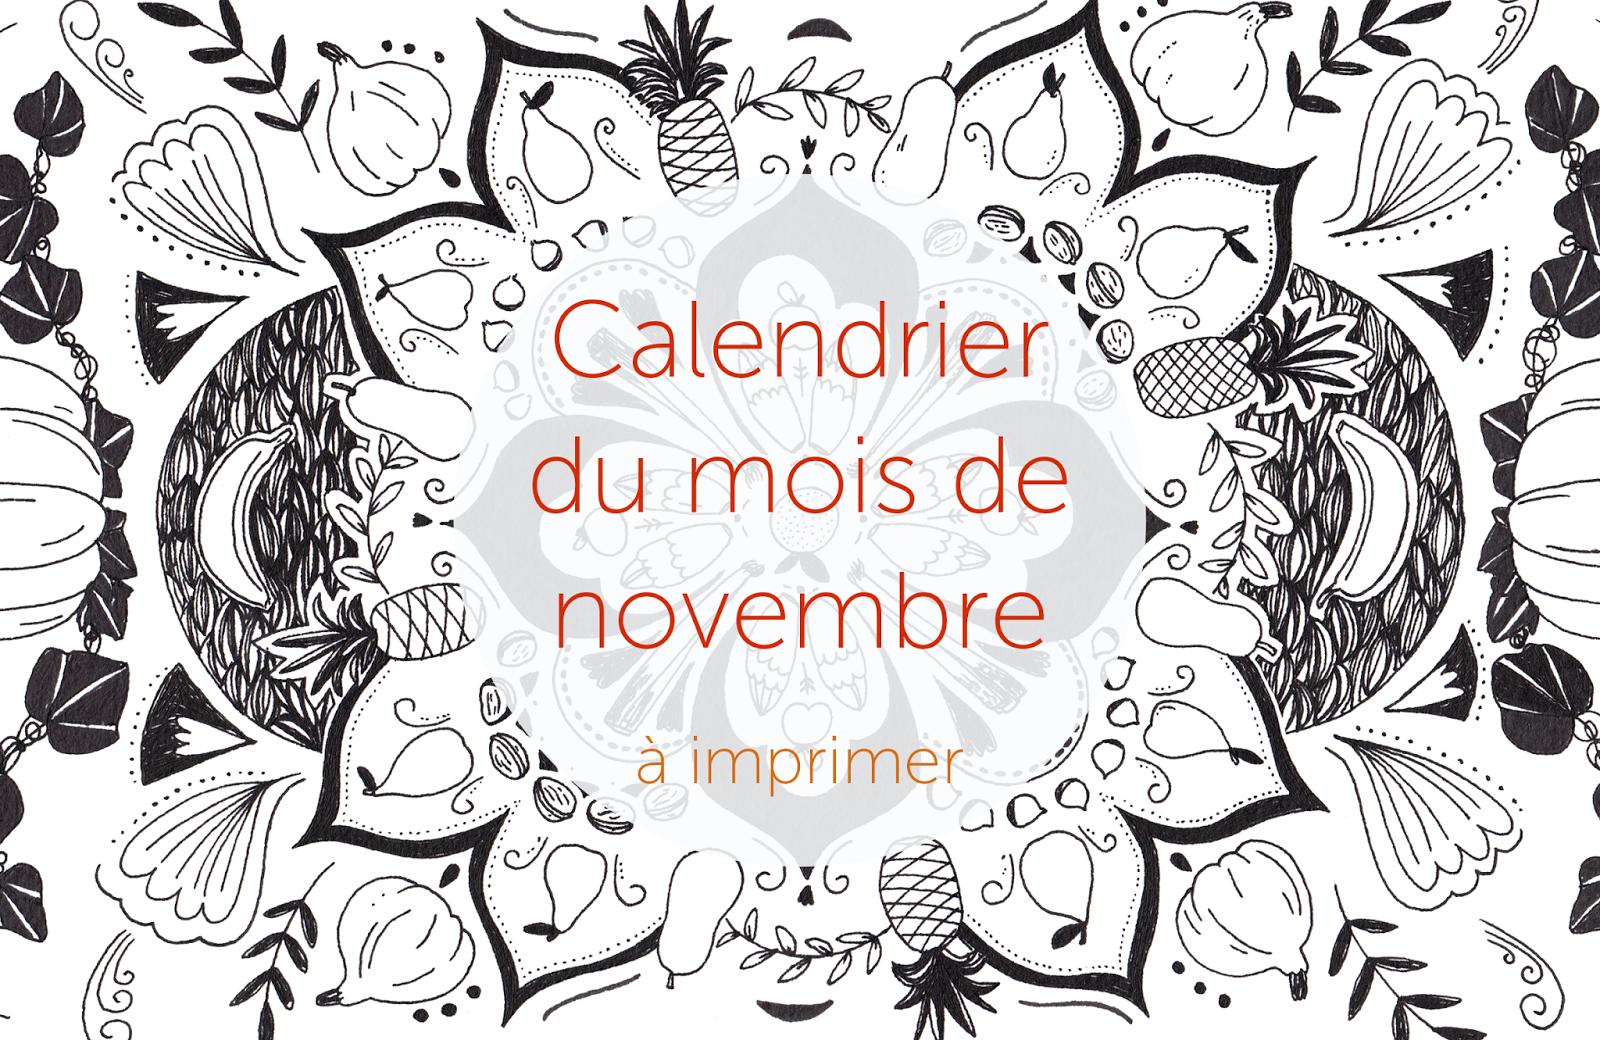 chlo u00e9 manceau      illustratrice  calendrier du mois de